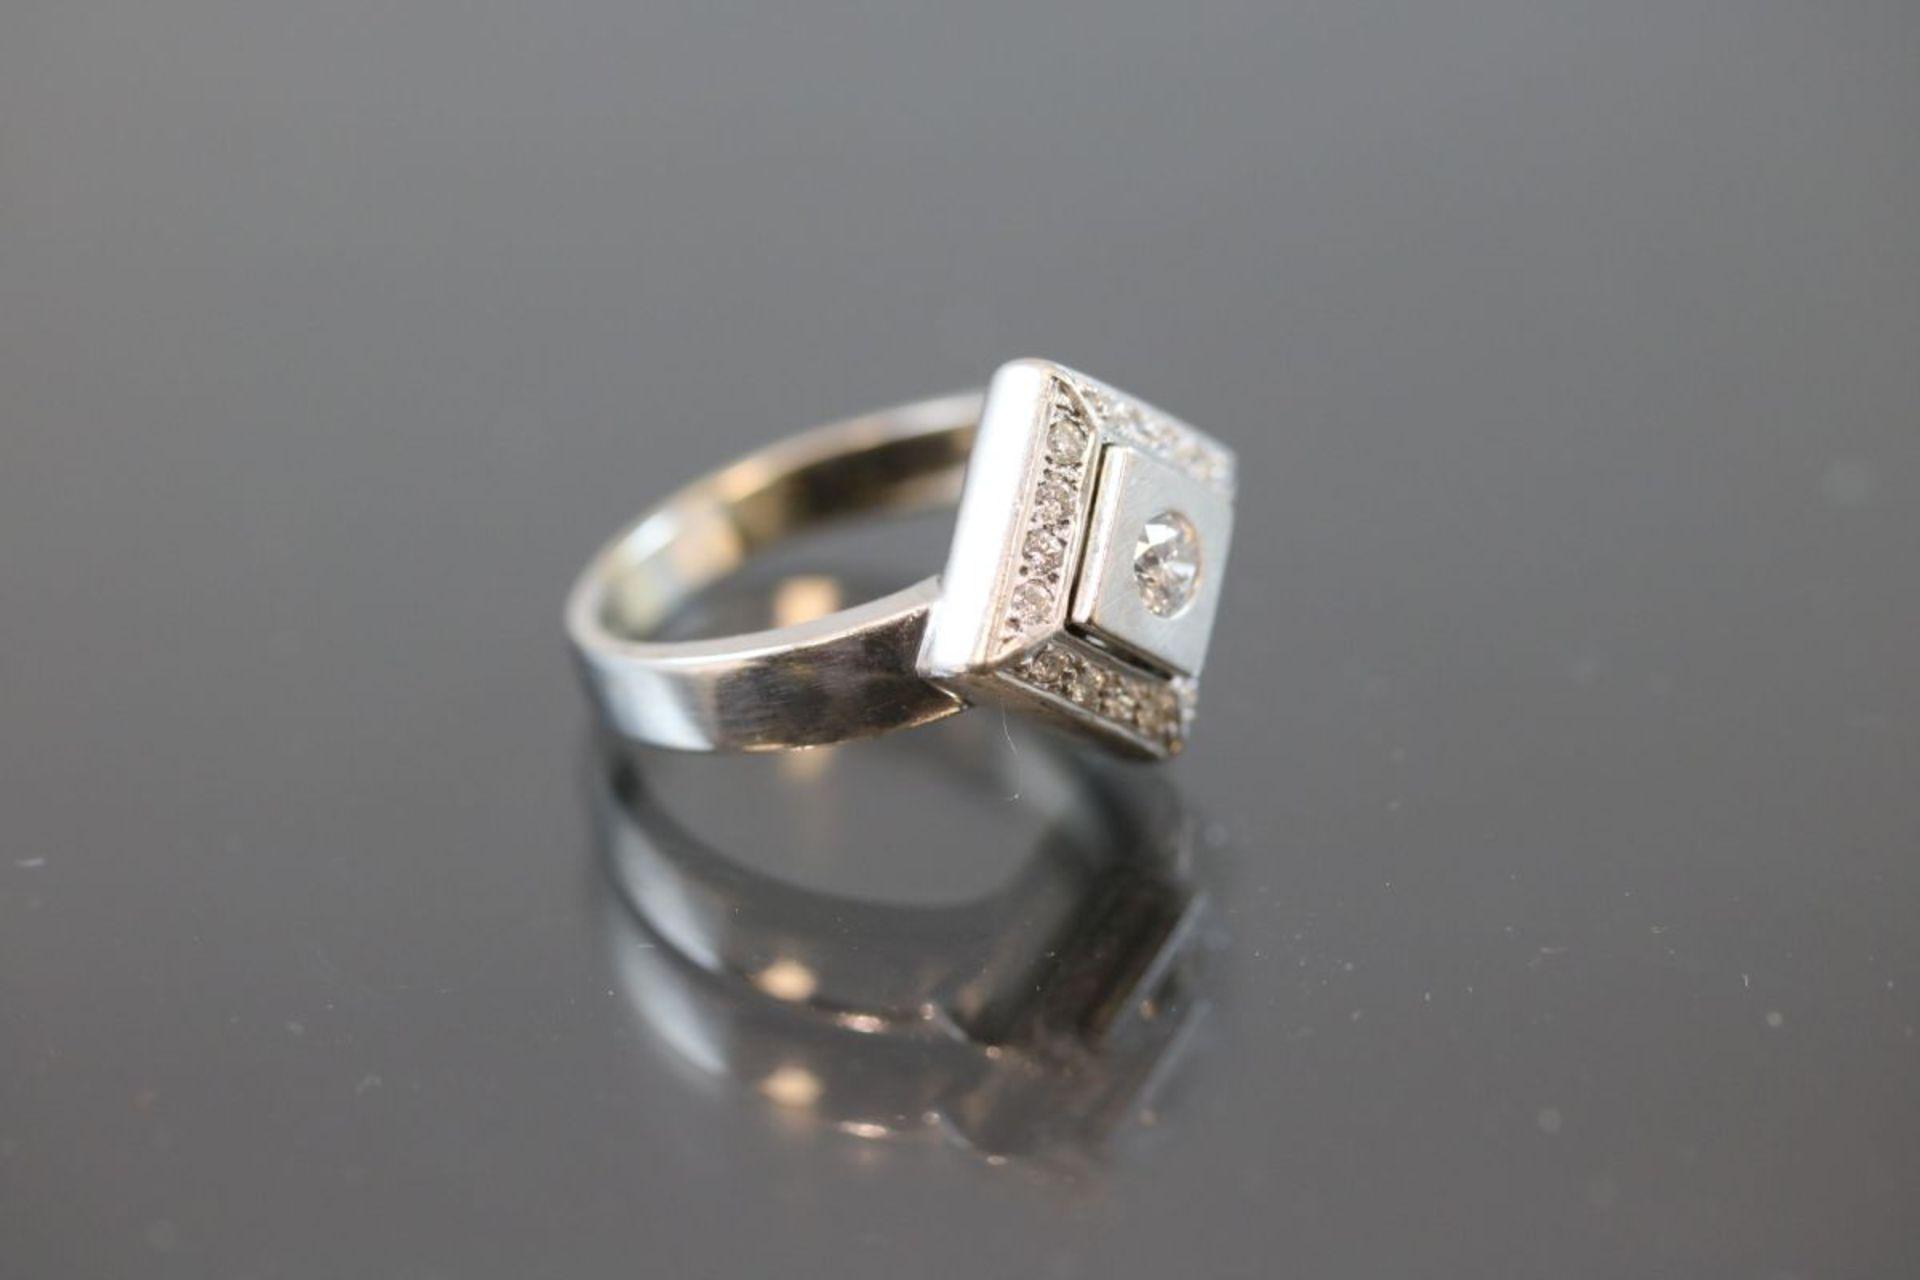 Brillant-Ring, 585 Weißgold - Bild 3 aus 3